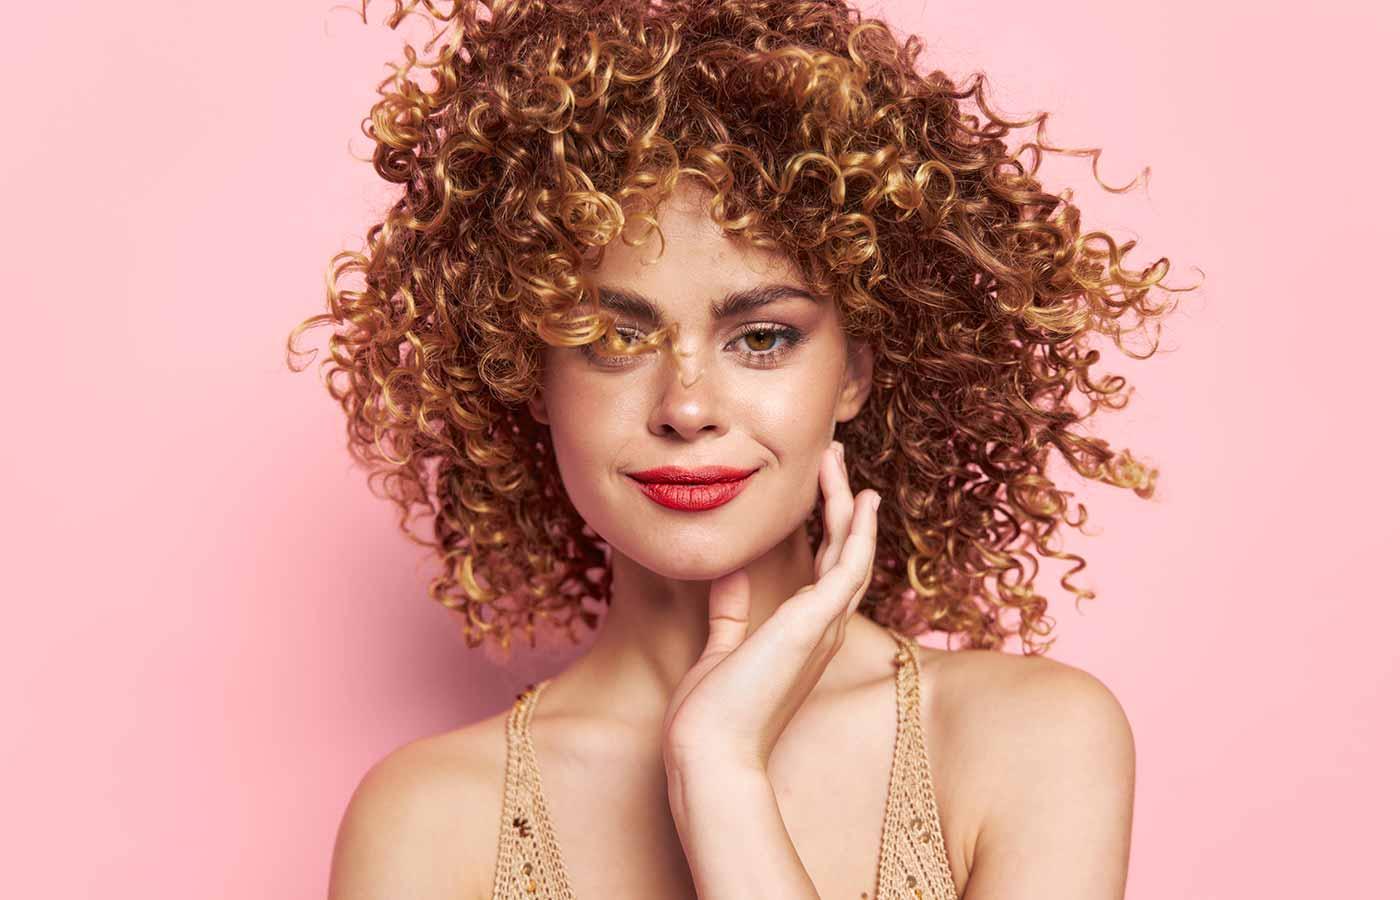 Pelo saludable y sano tras realizar el método curly girl